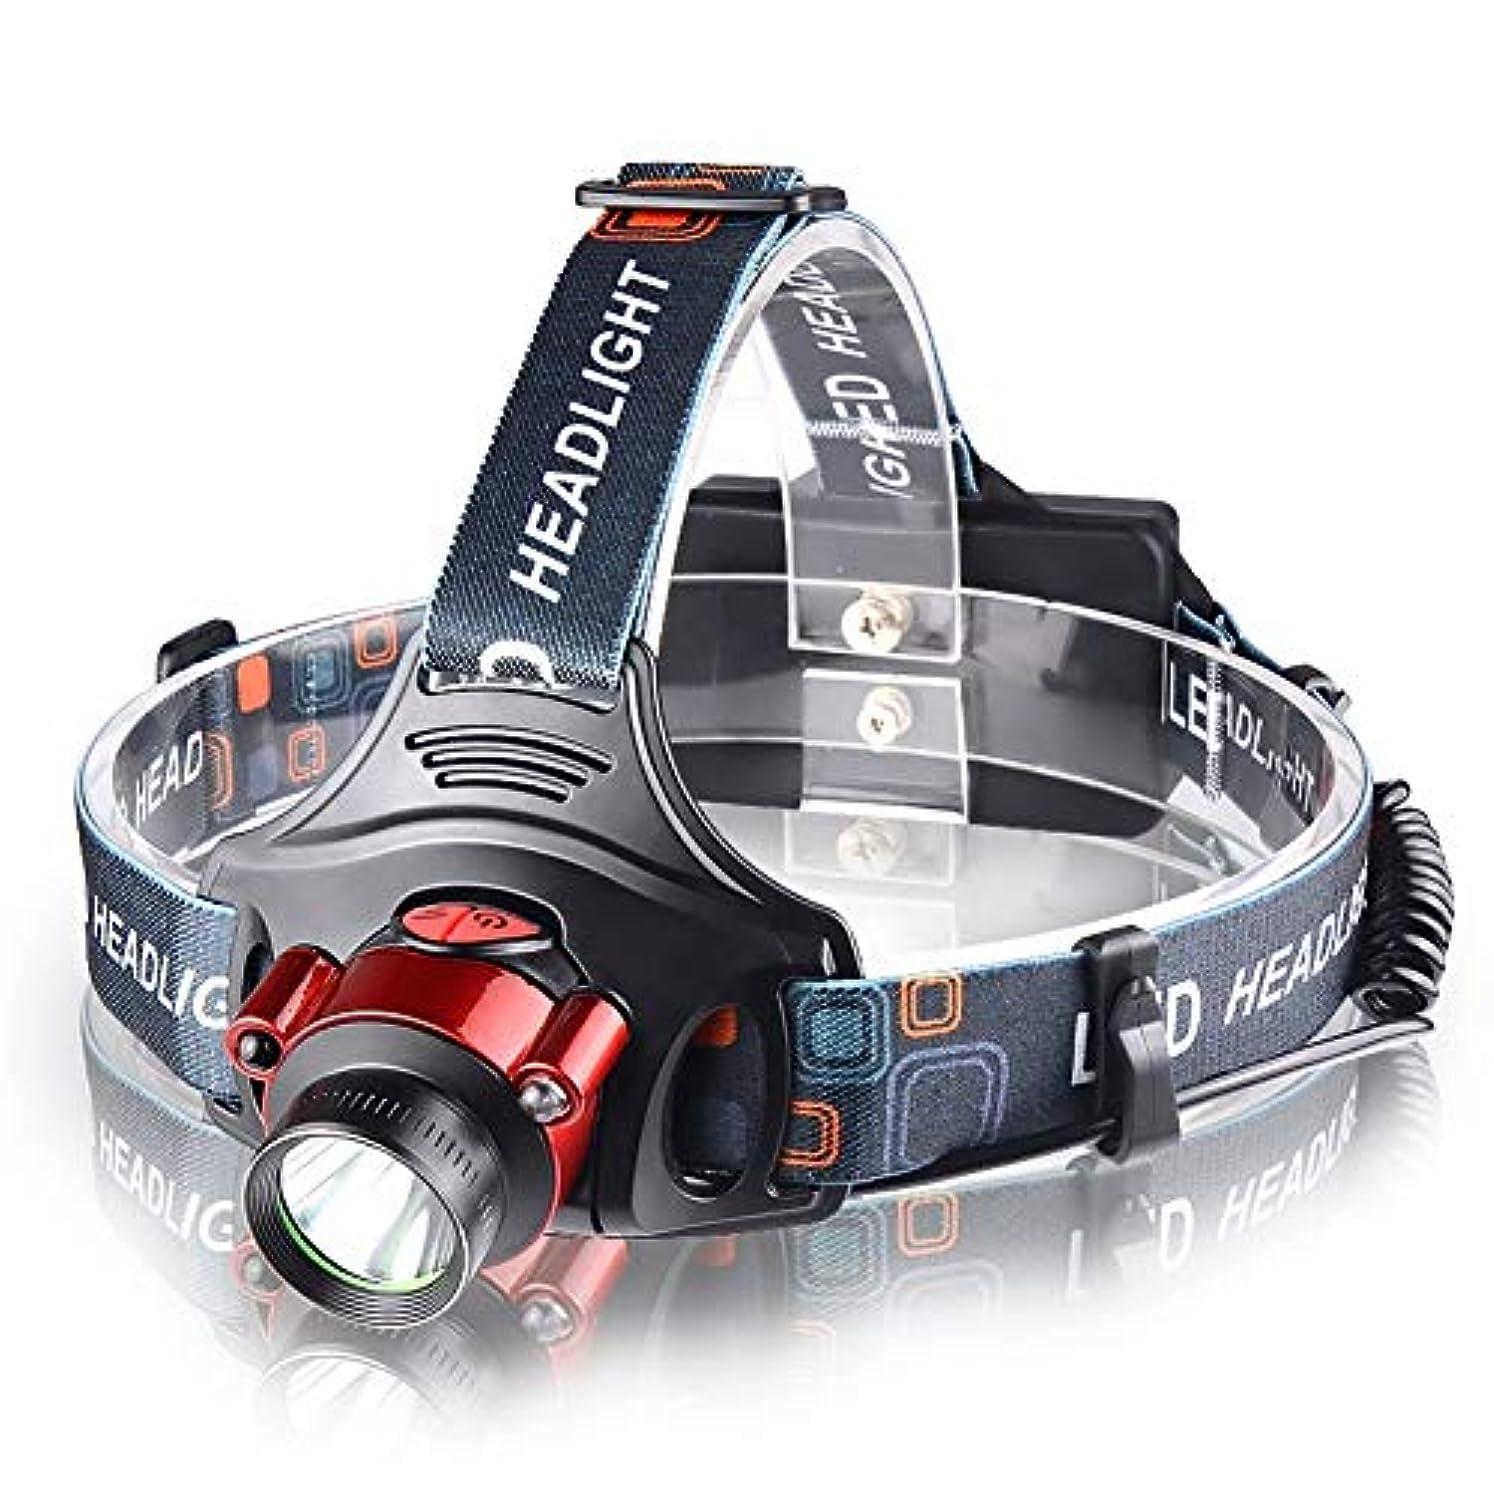 ヘッドライト,屋外登山多機能釣り防水スーパーブライトヘッドライト